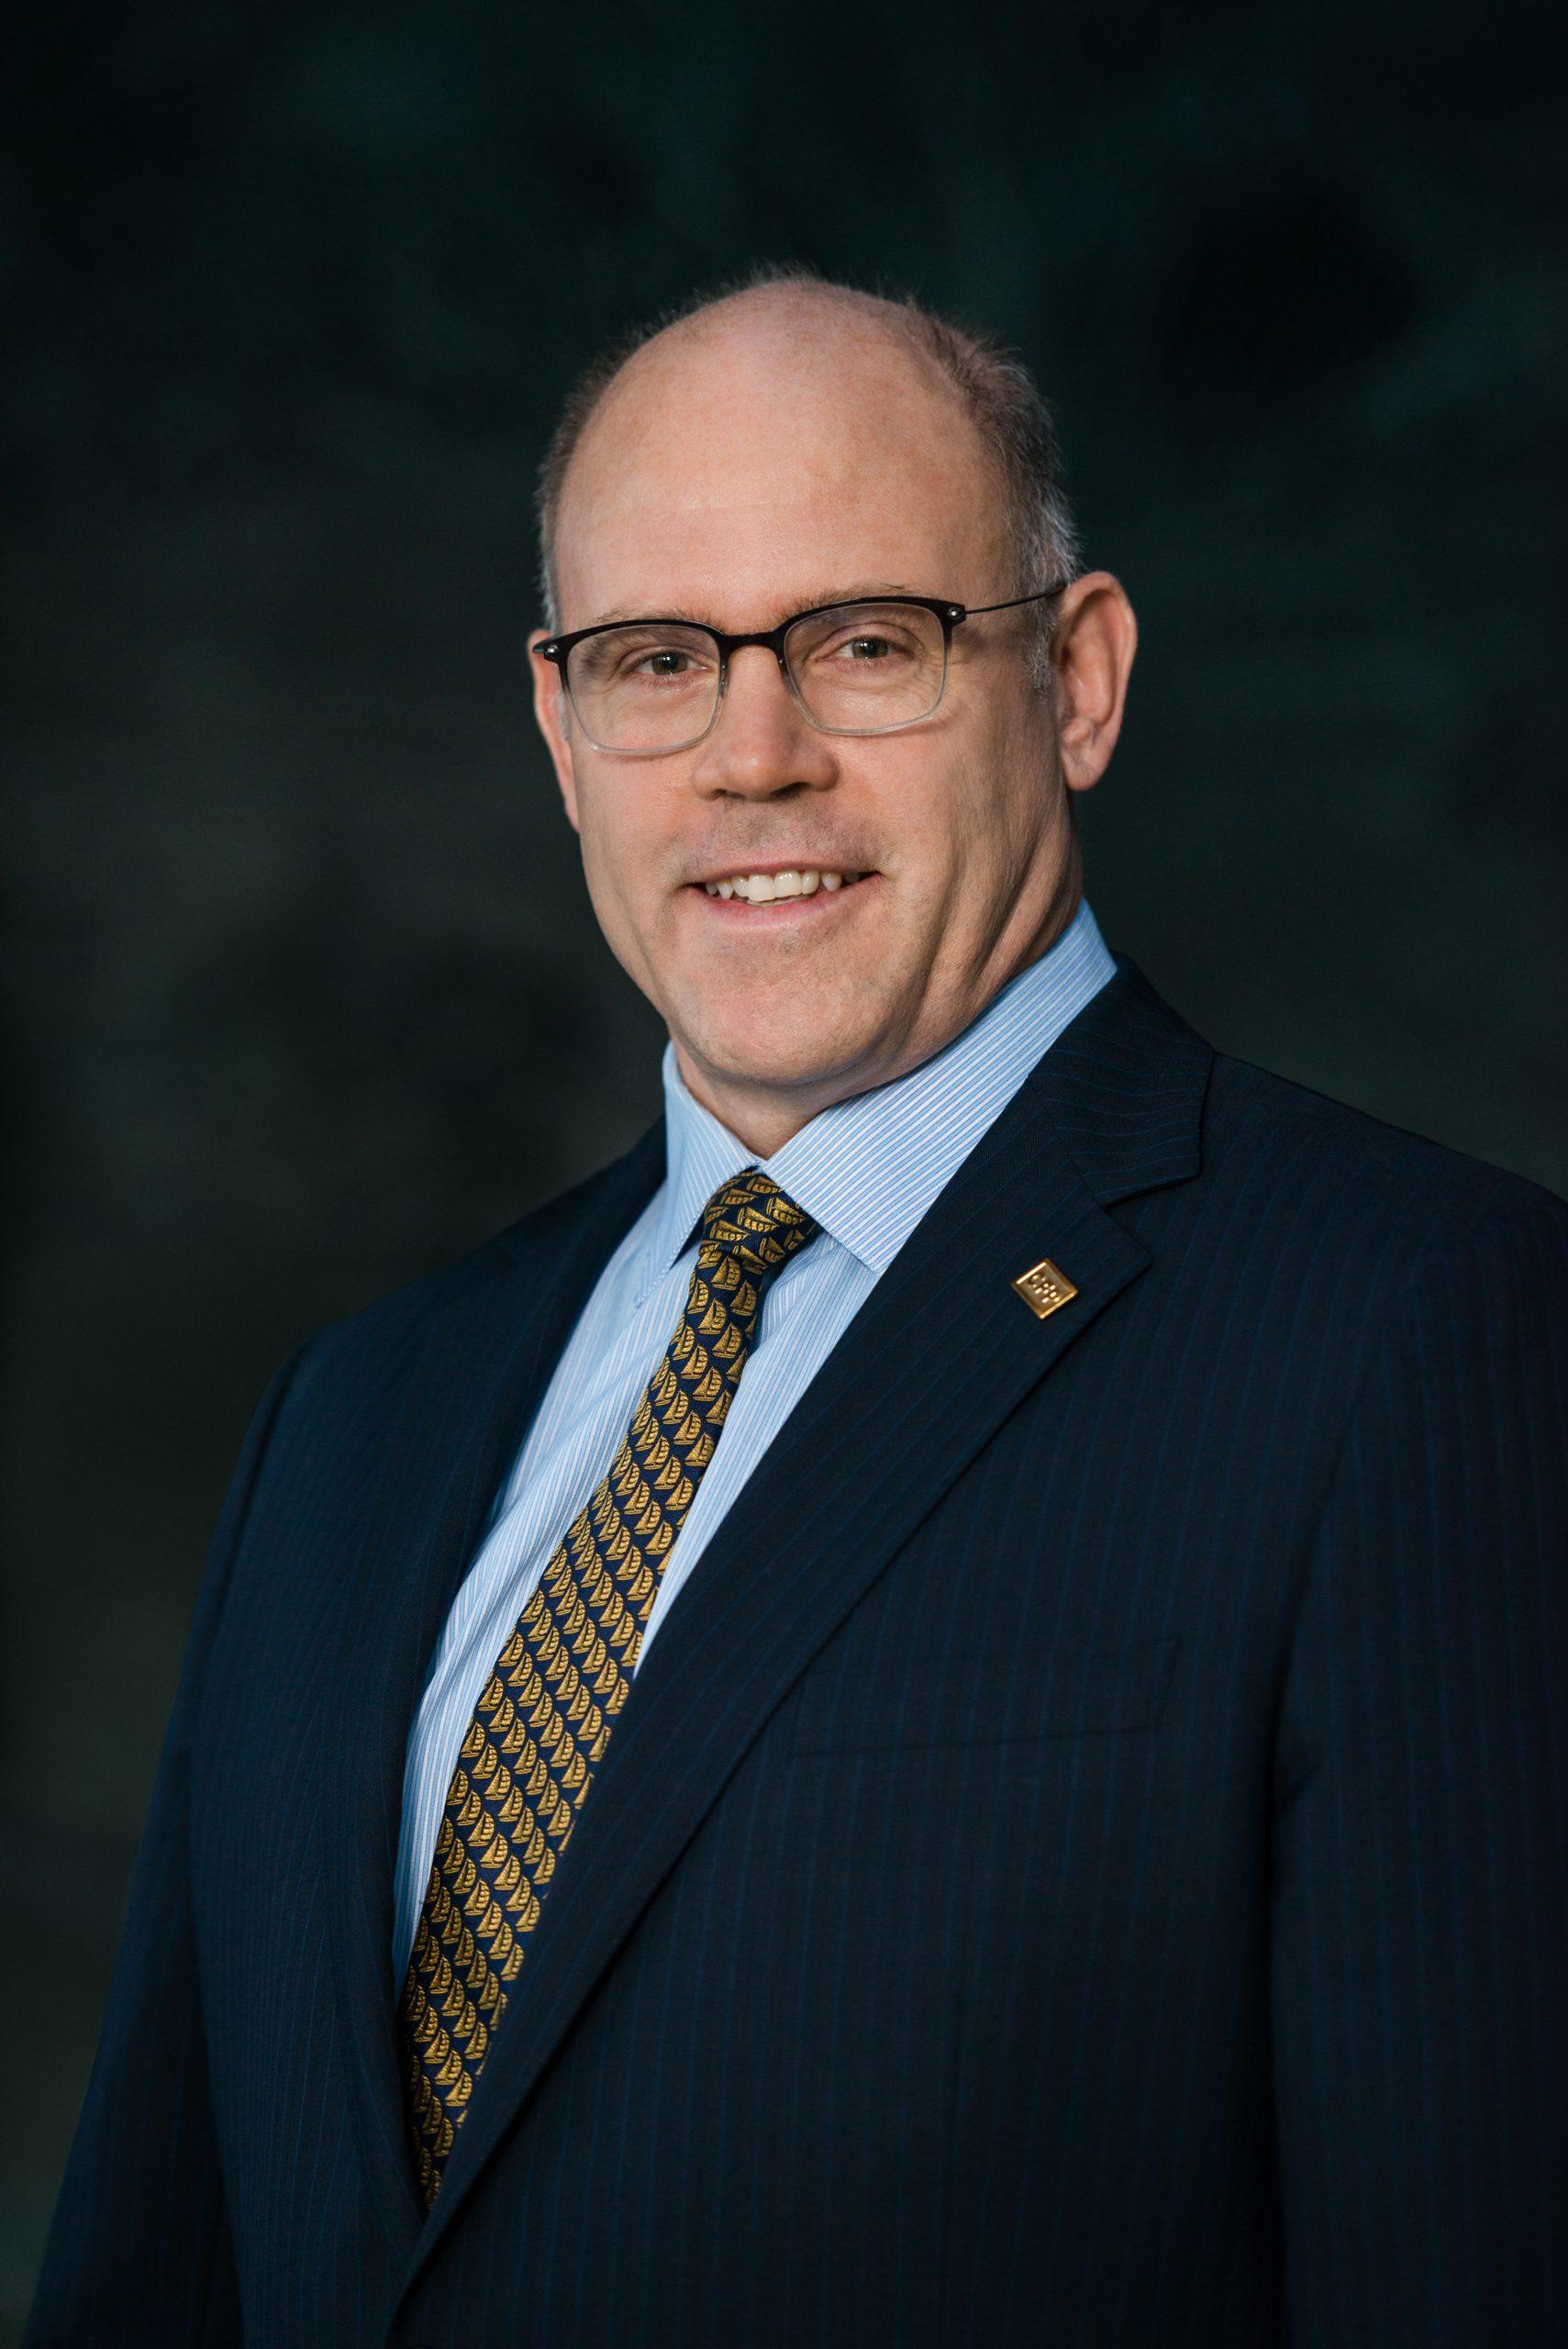 Jeff Farrar, CFP